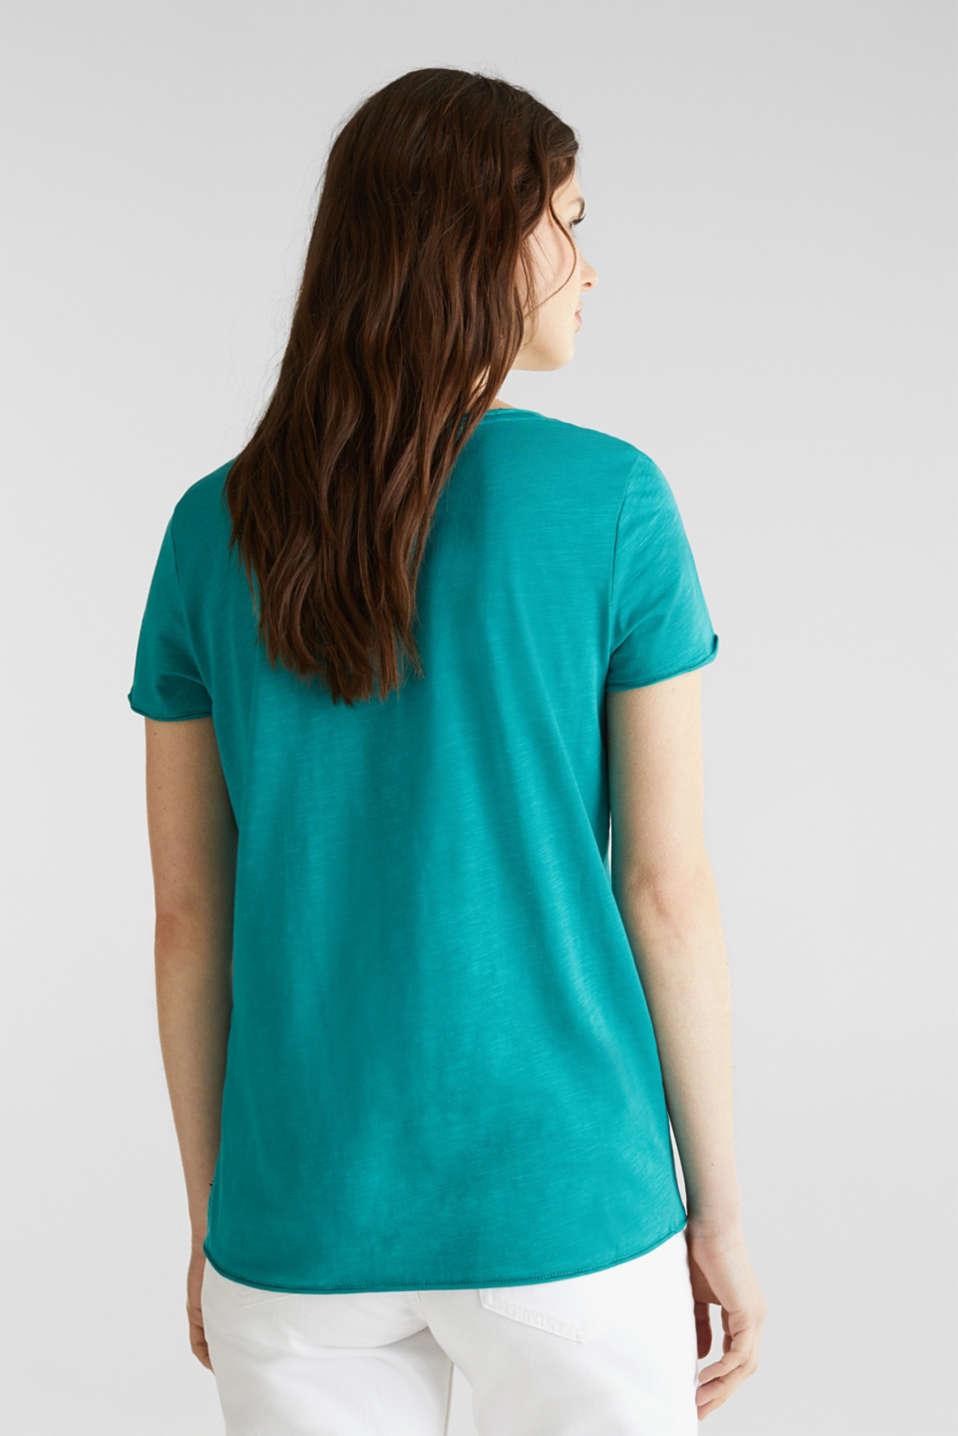 Slub jersey T-shirt in 100% organic cotton, TEAL GREEN 4, detail image number 2